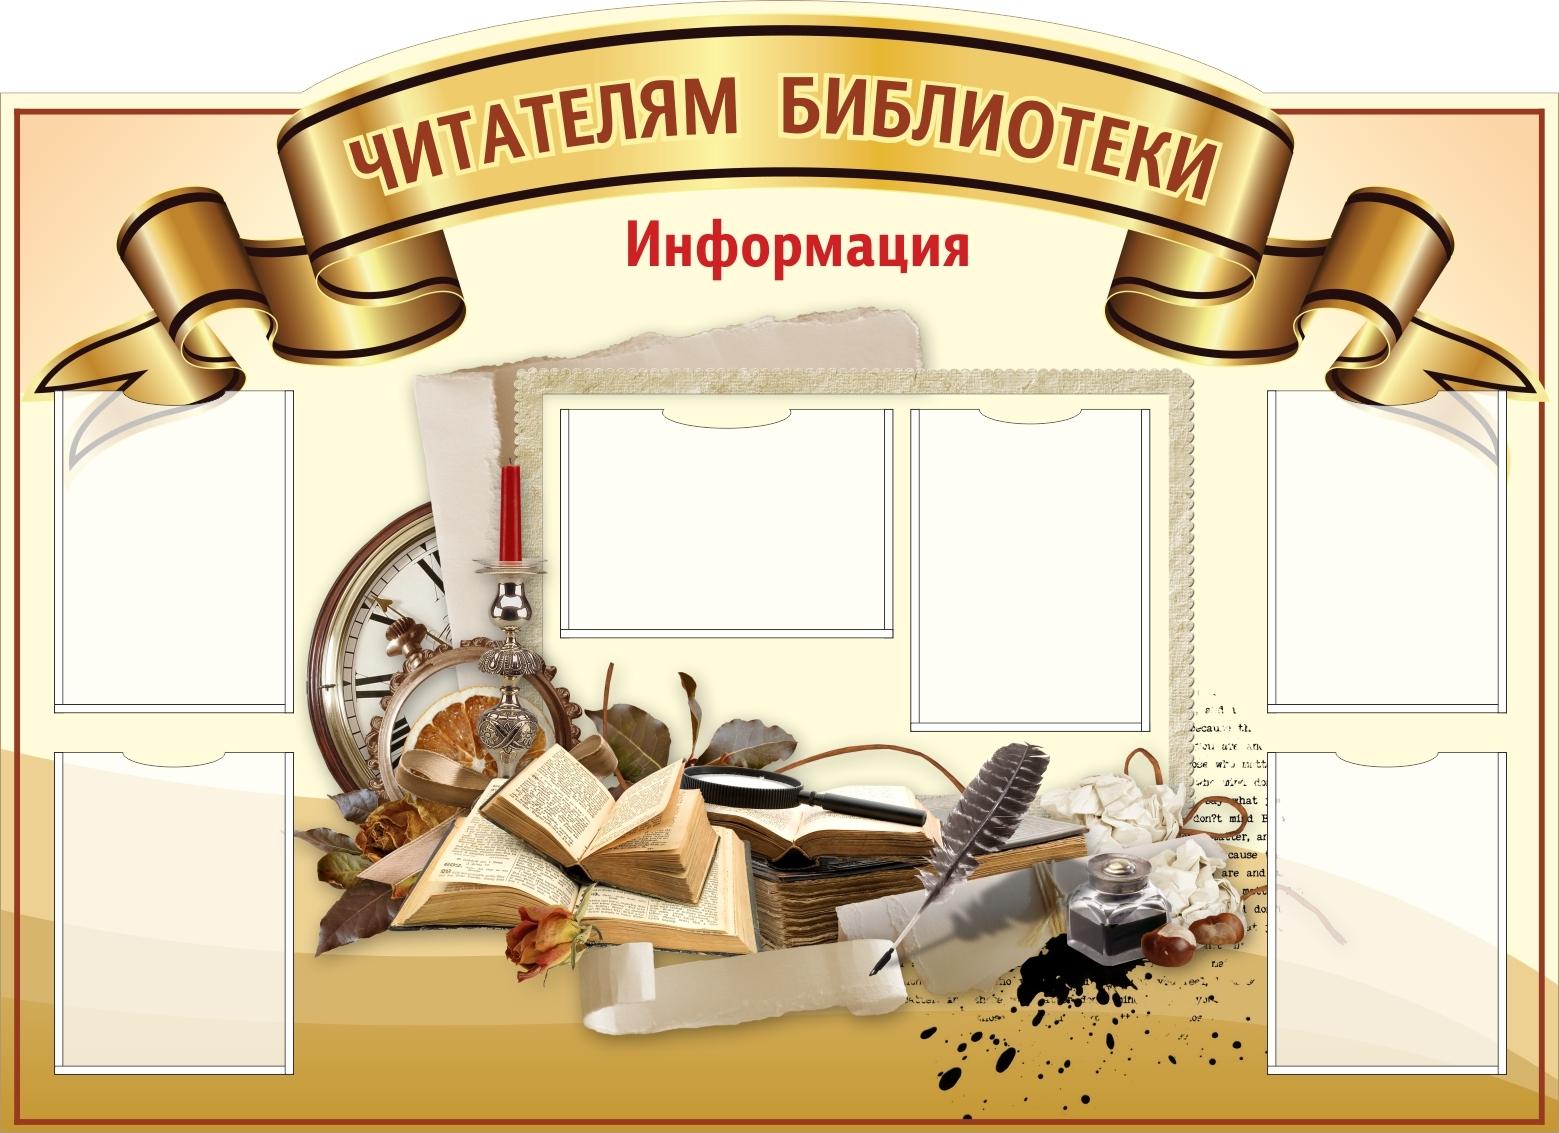 Картинки на стенд библиотеки